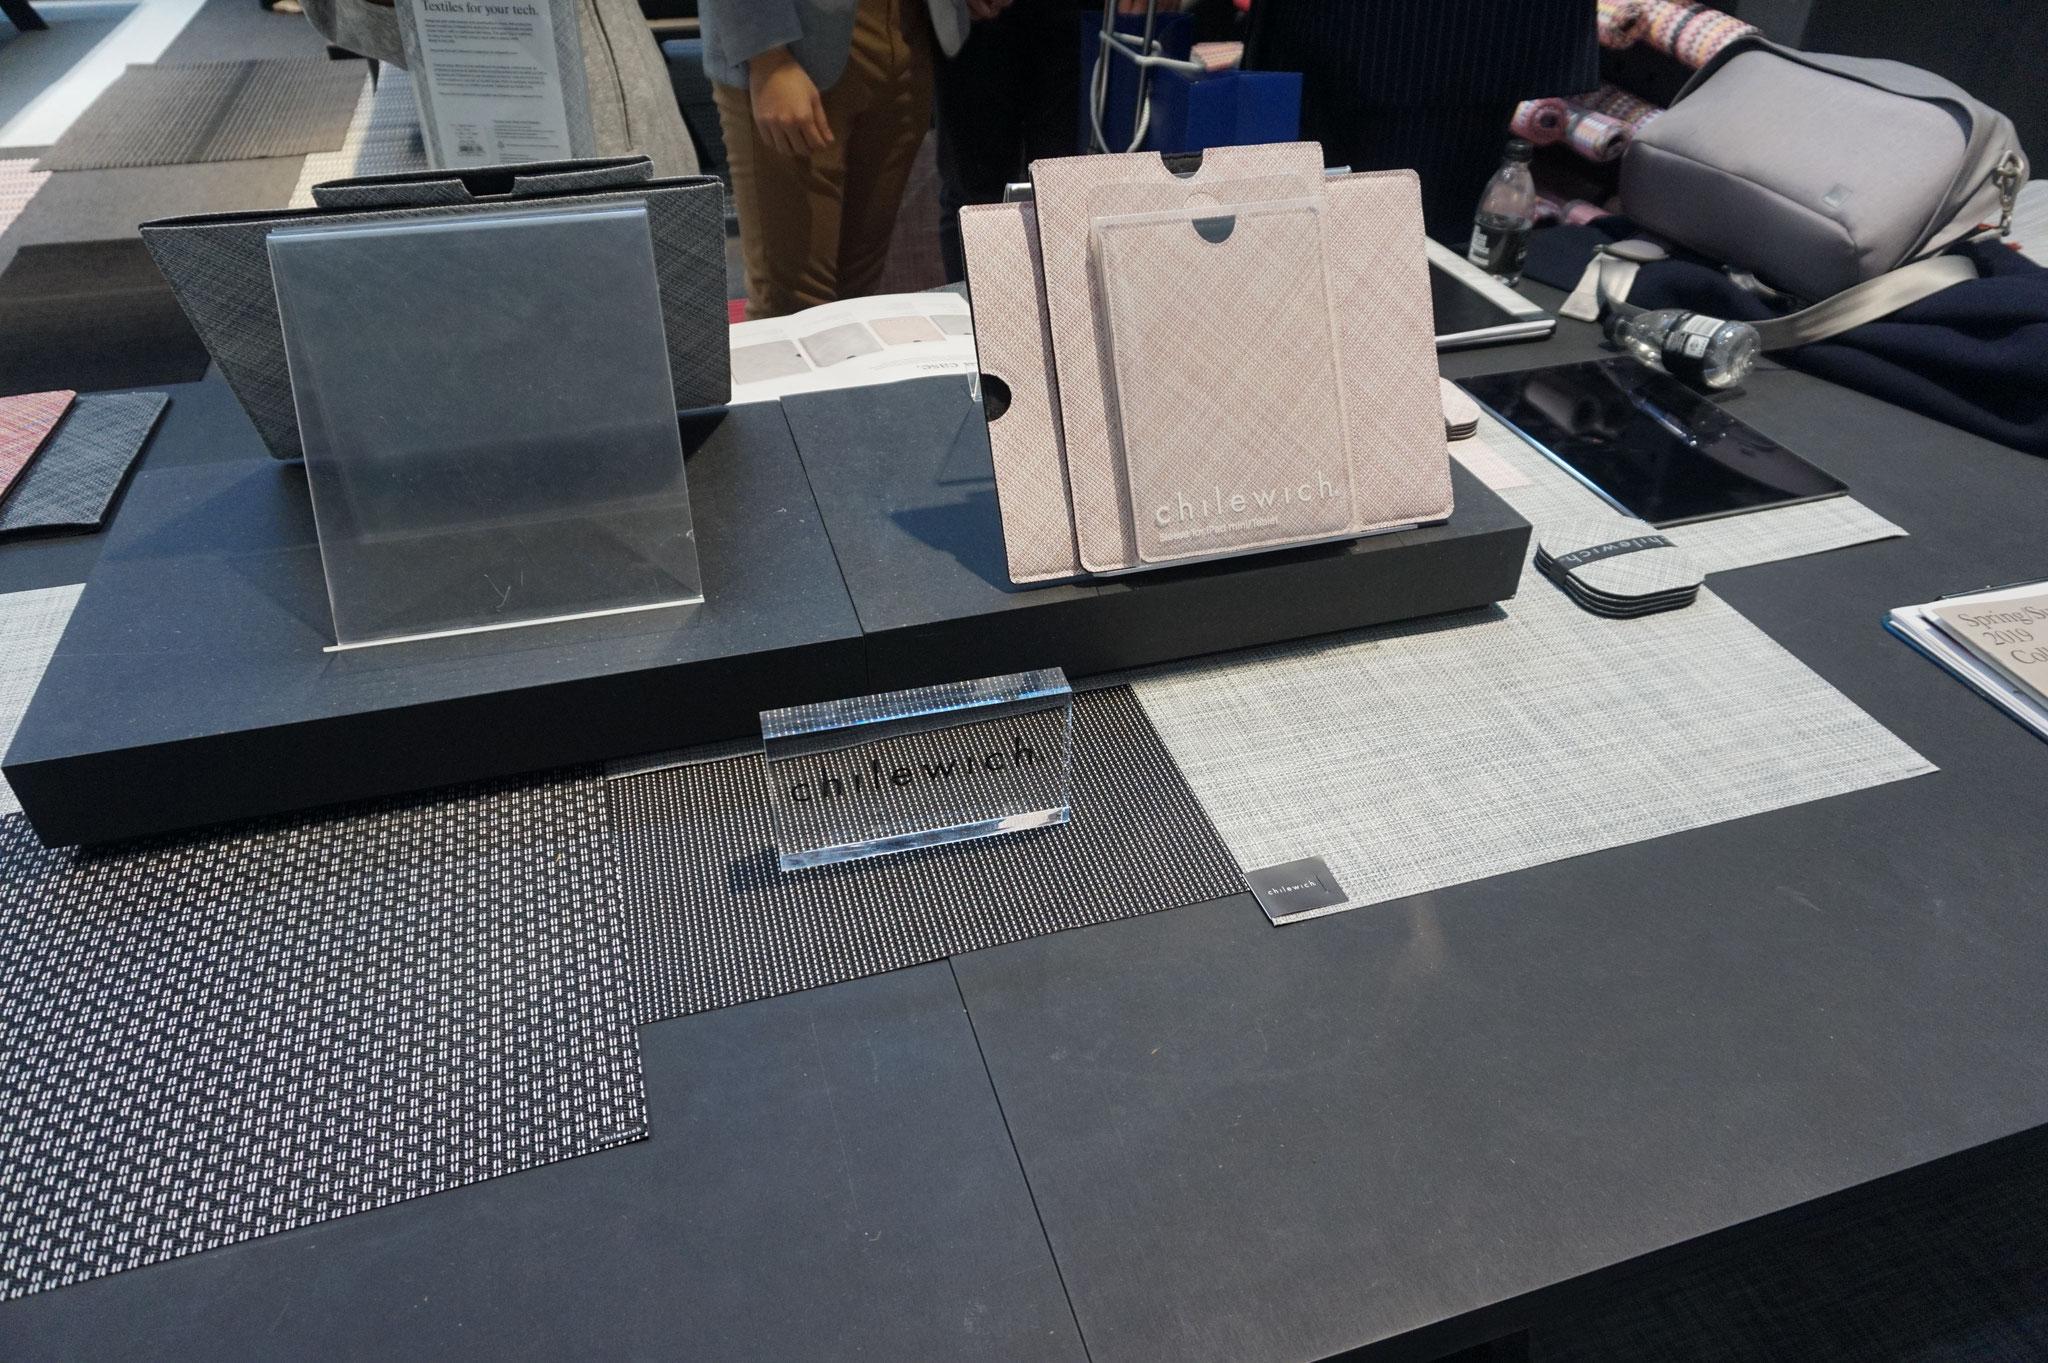 CHILWICH : アイパッド、タブレットケース